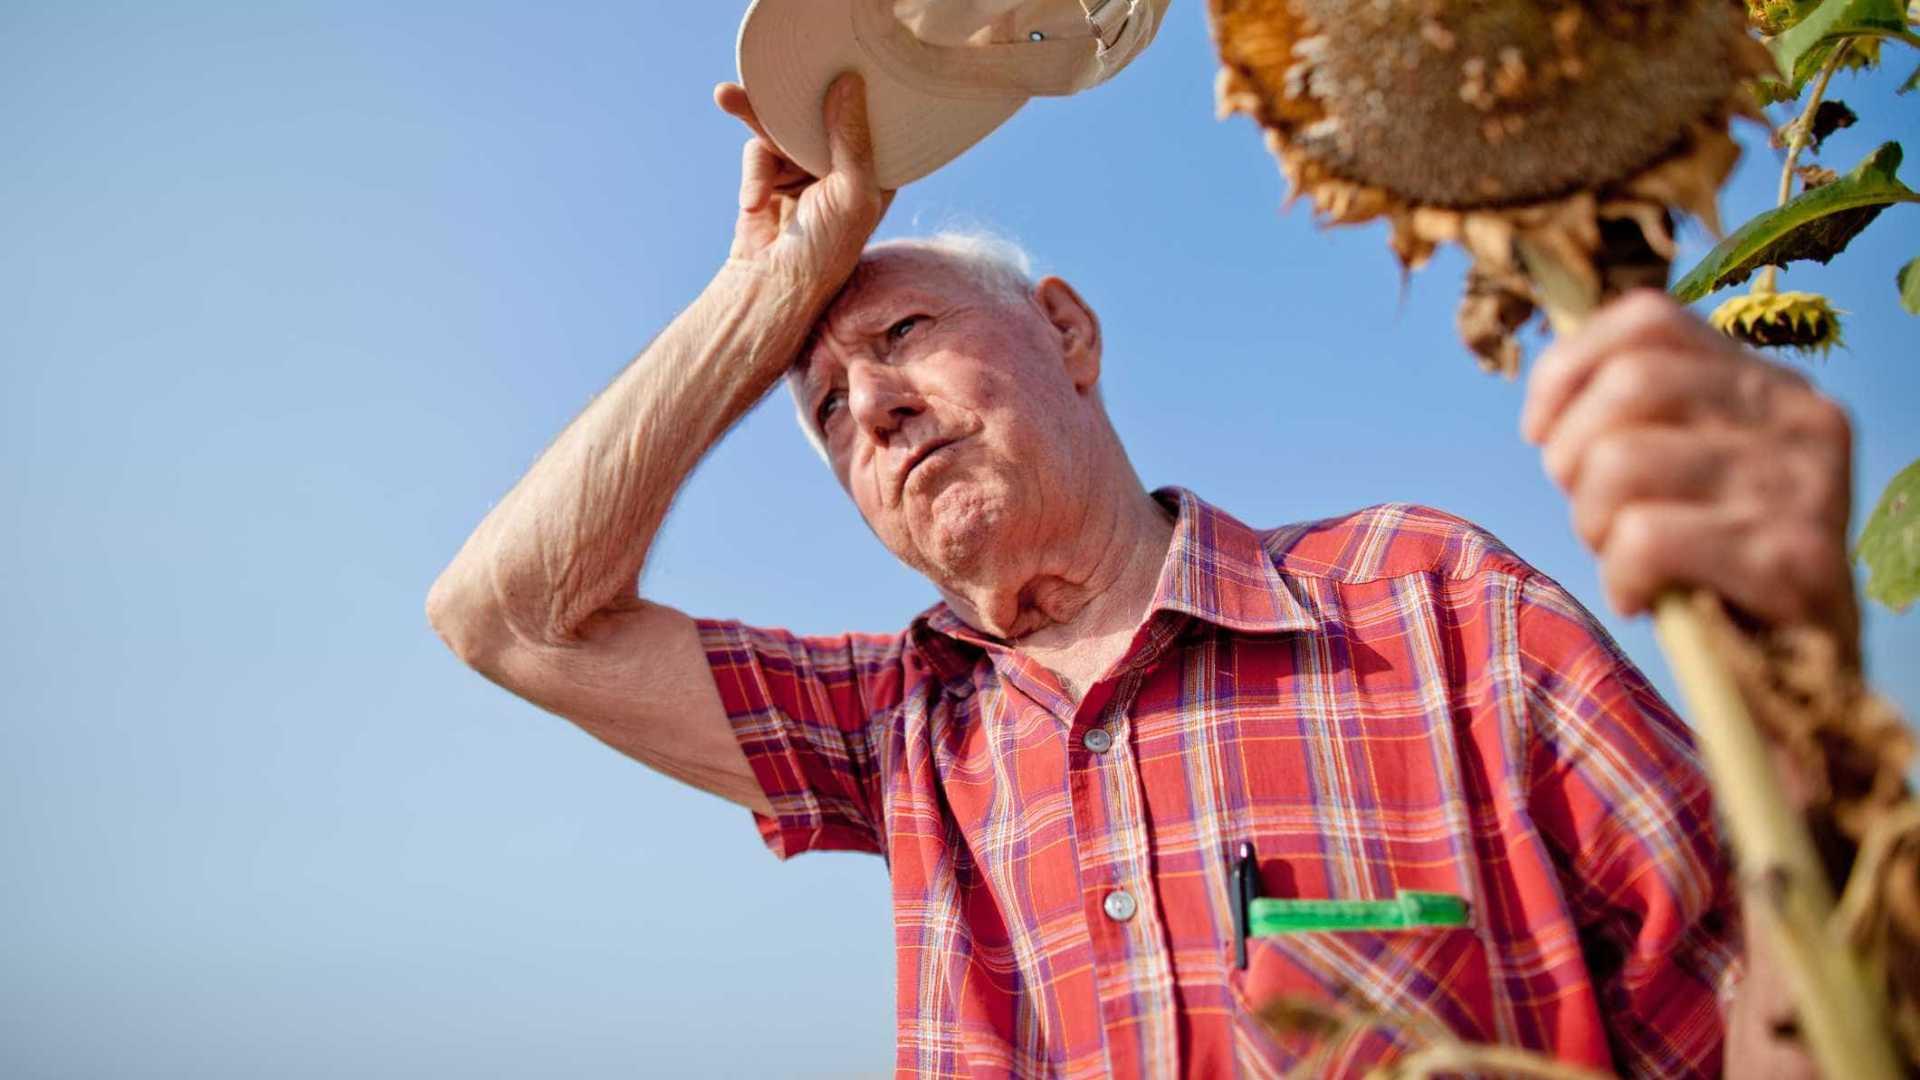 Calor excessivo ameaça saúde dos idosos